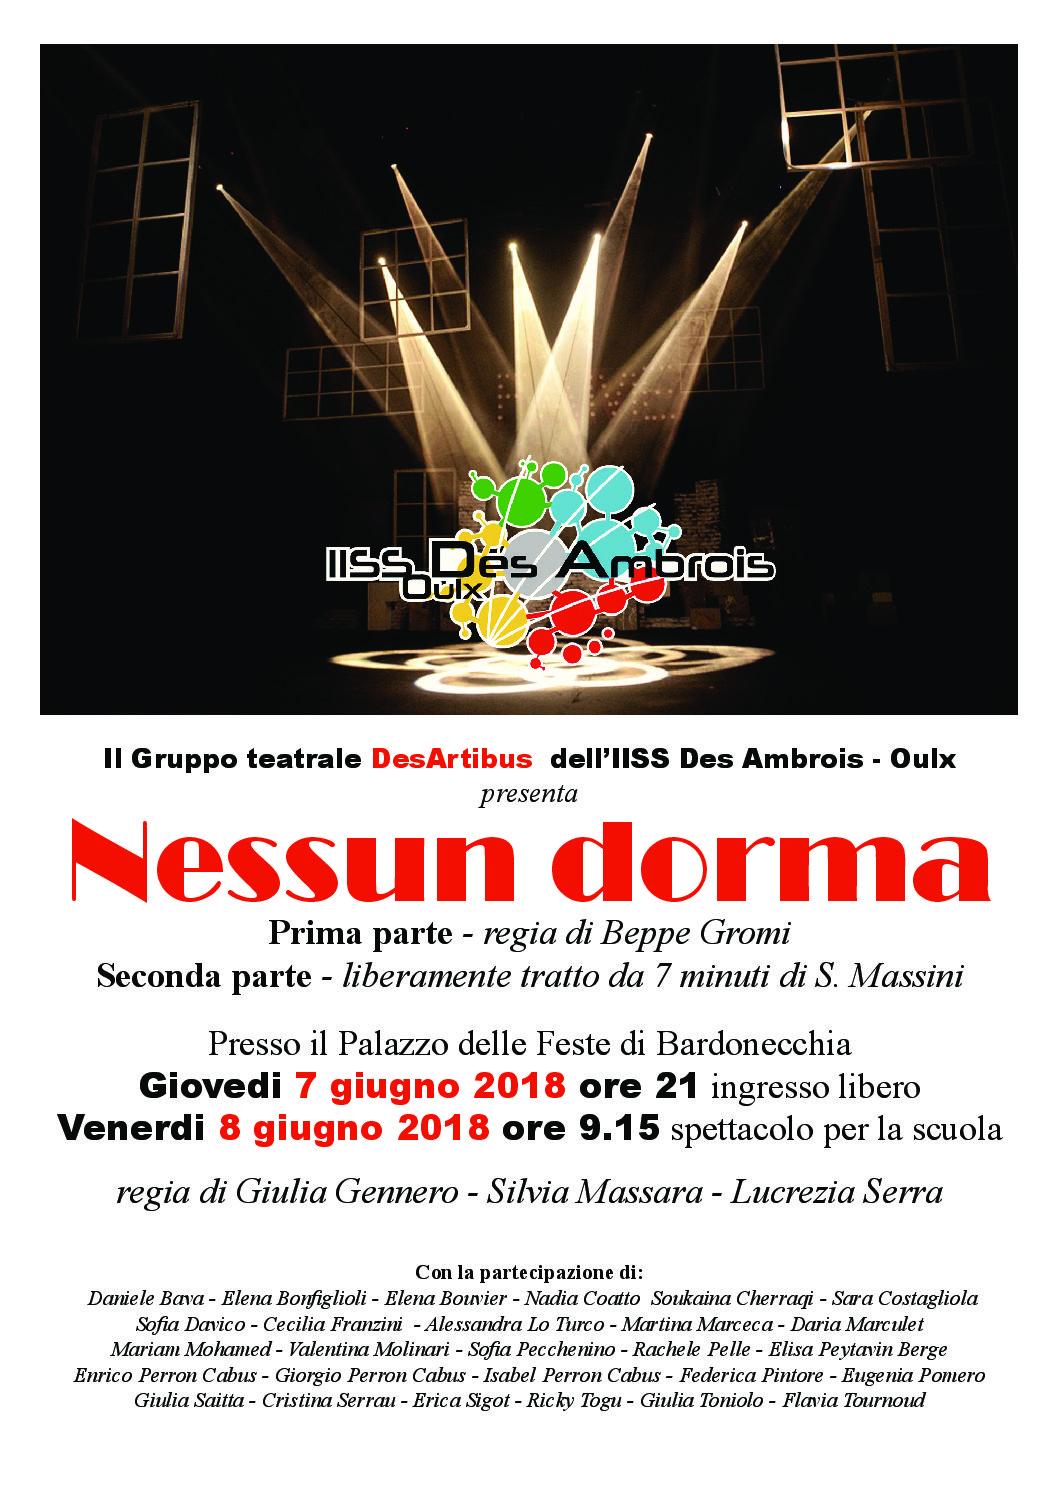 La DesArtibus presenta 'Nessun dorma 1 – 2' al Palazzo delle Feste di Bardonecchia!